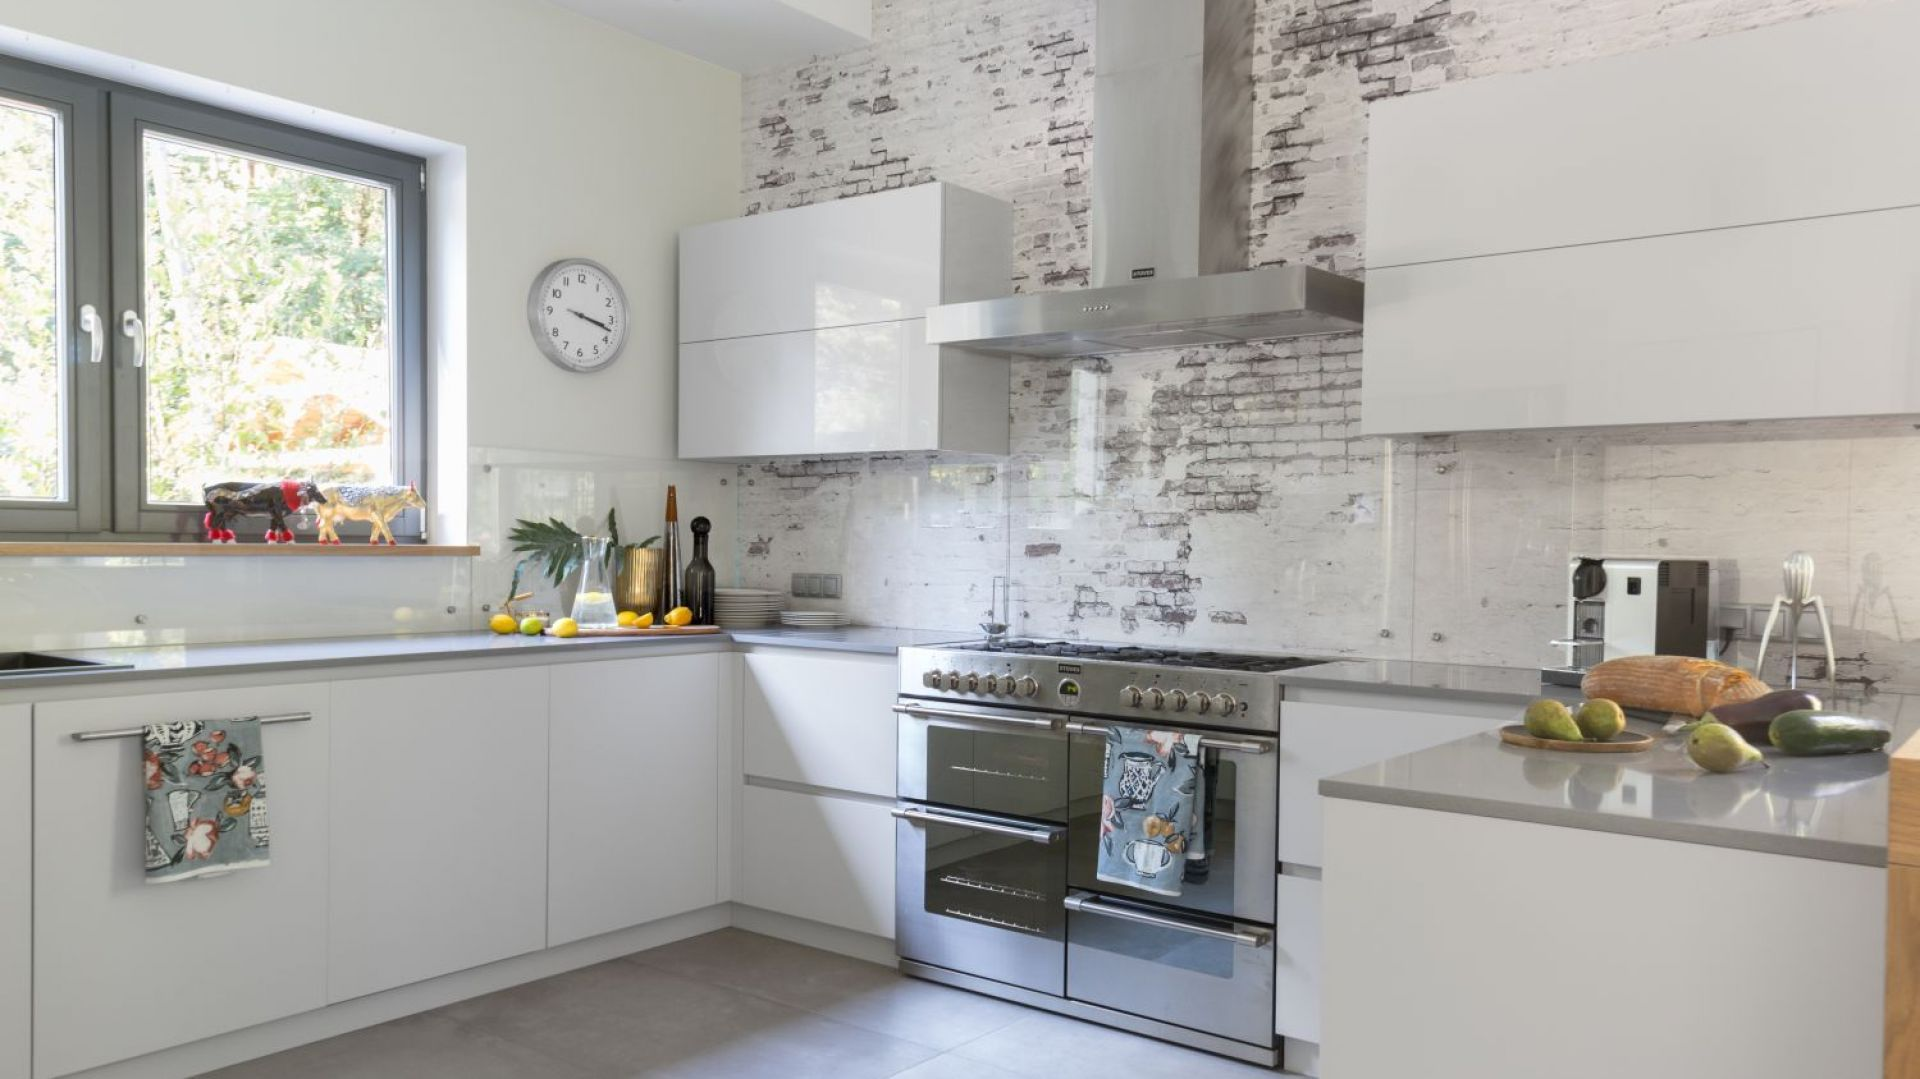 Ścianę nad blatem w kuchni zdobi bardzo subtelna tapeta imitująca cegłę. Zabezpieczą ją przezroczysta, praktycznie niewidoczna tafla szkła. Projekt: Małgorzata Denst. Fot. Pion Poziom